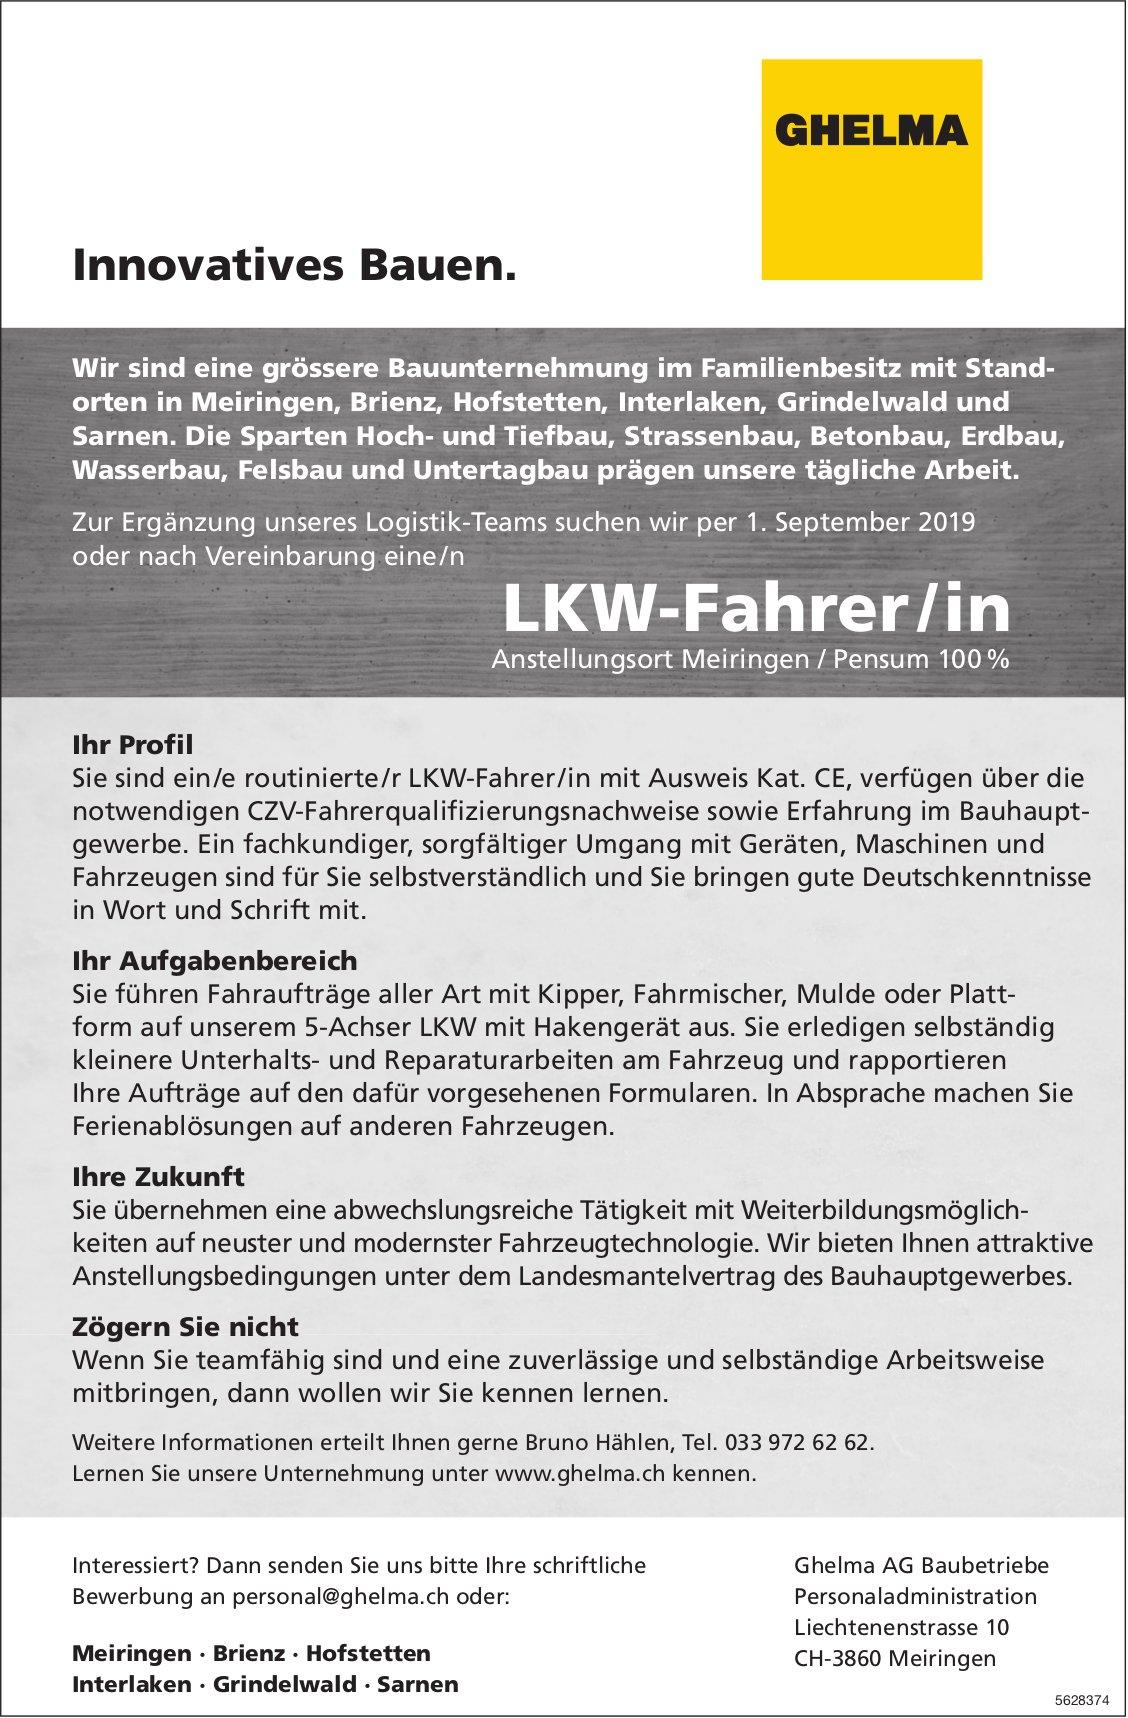 LKW-Fahrer/in 100%, Ghelma AG Baubetriebe, Meiringen, gesucht